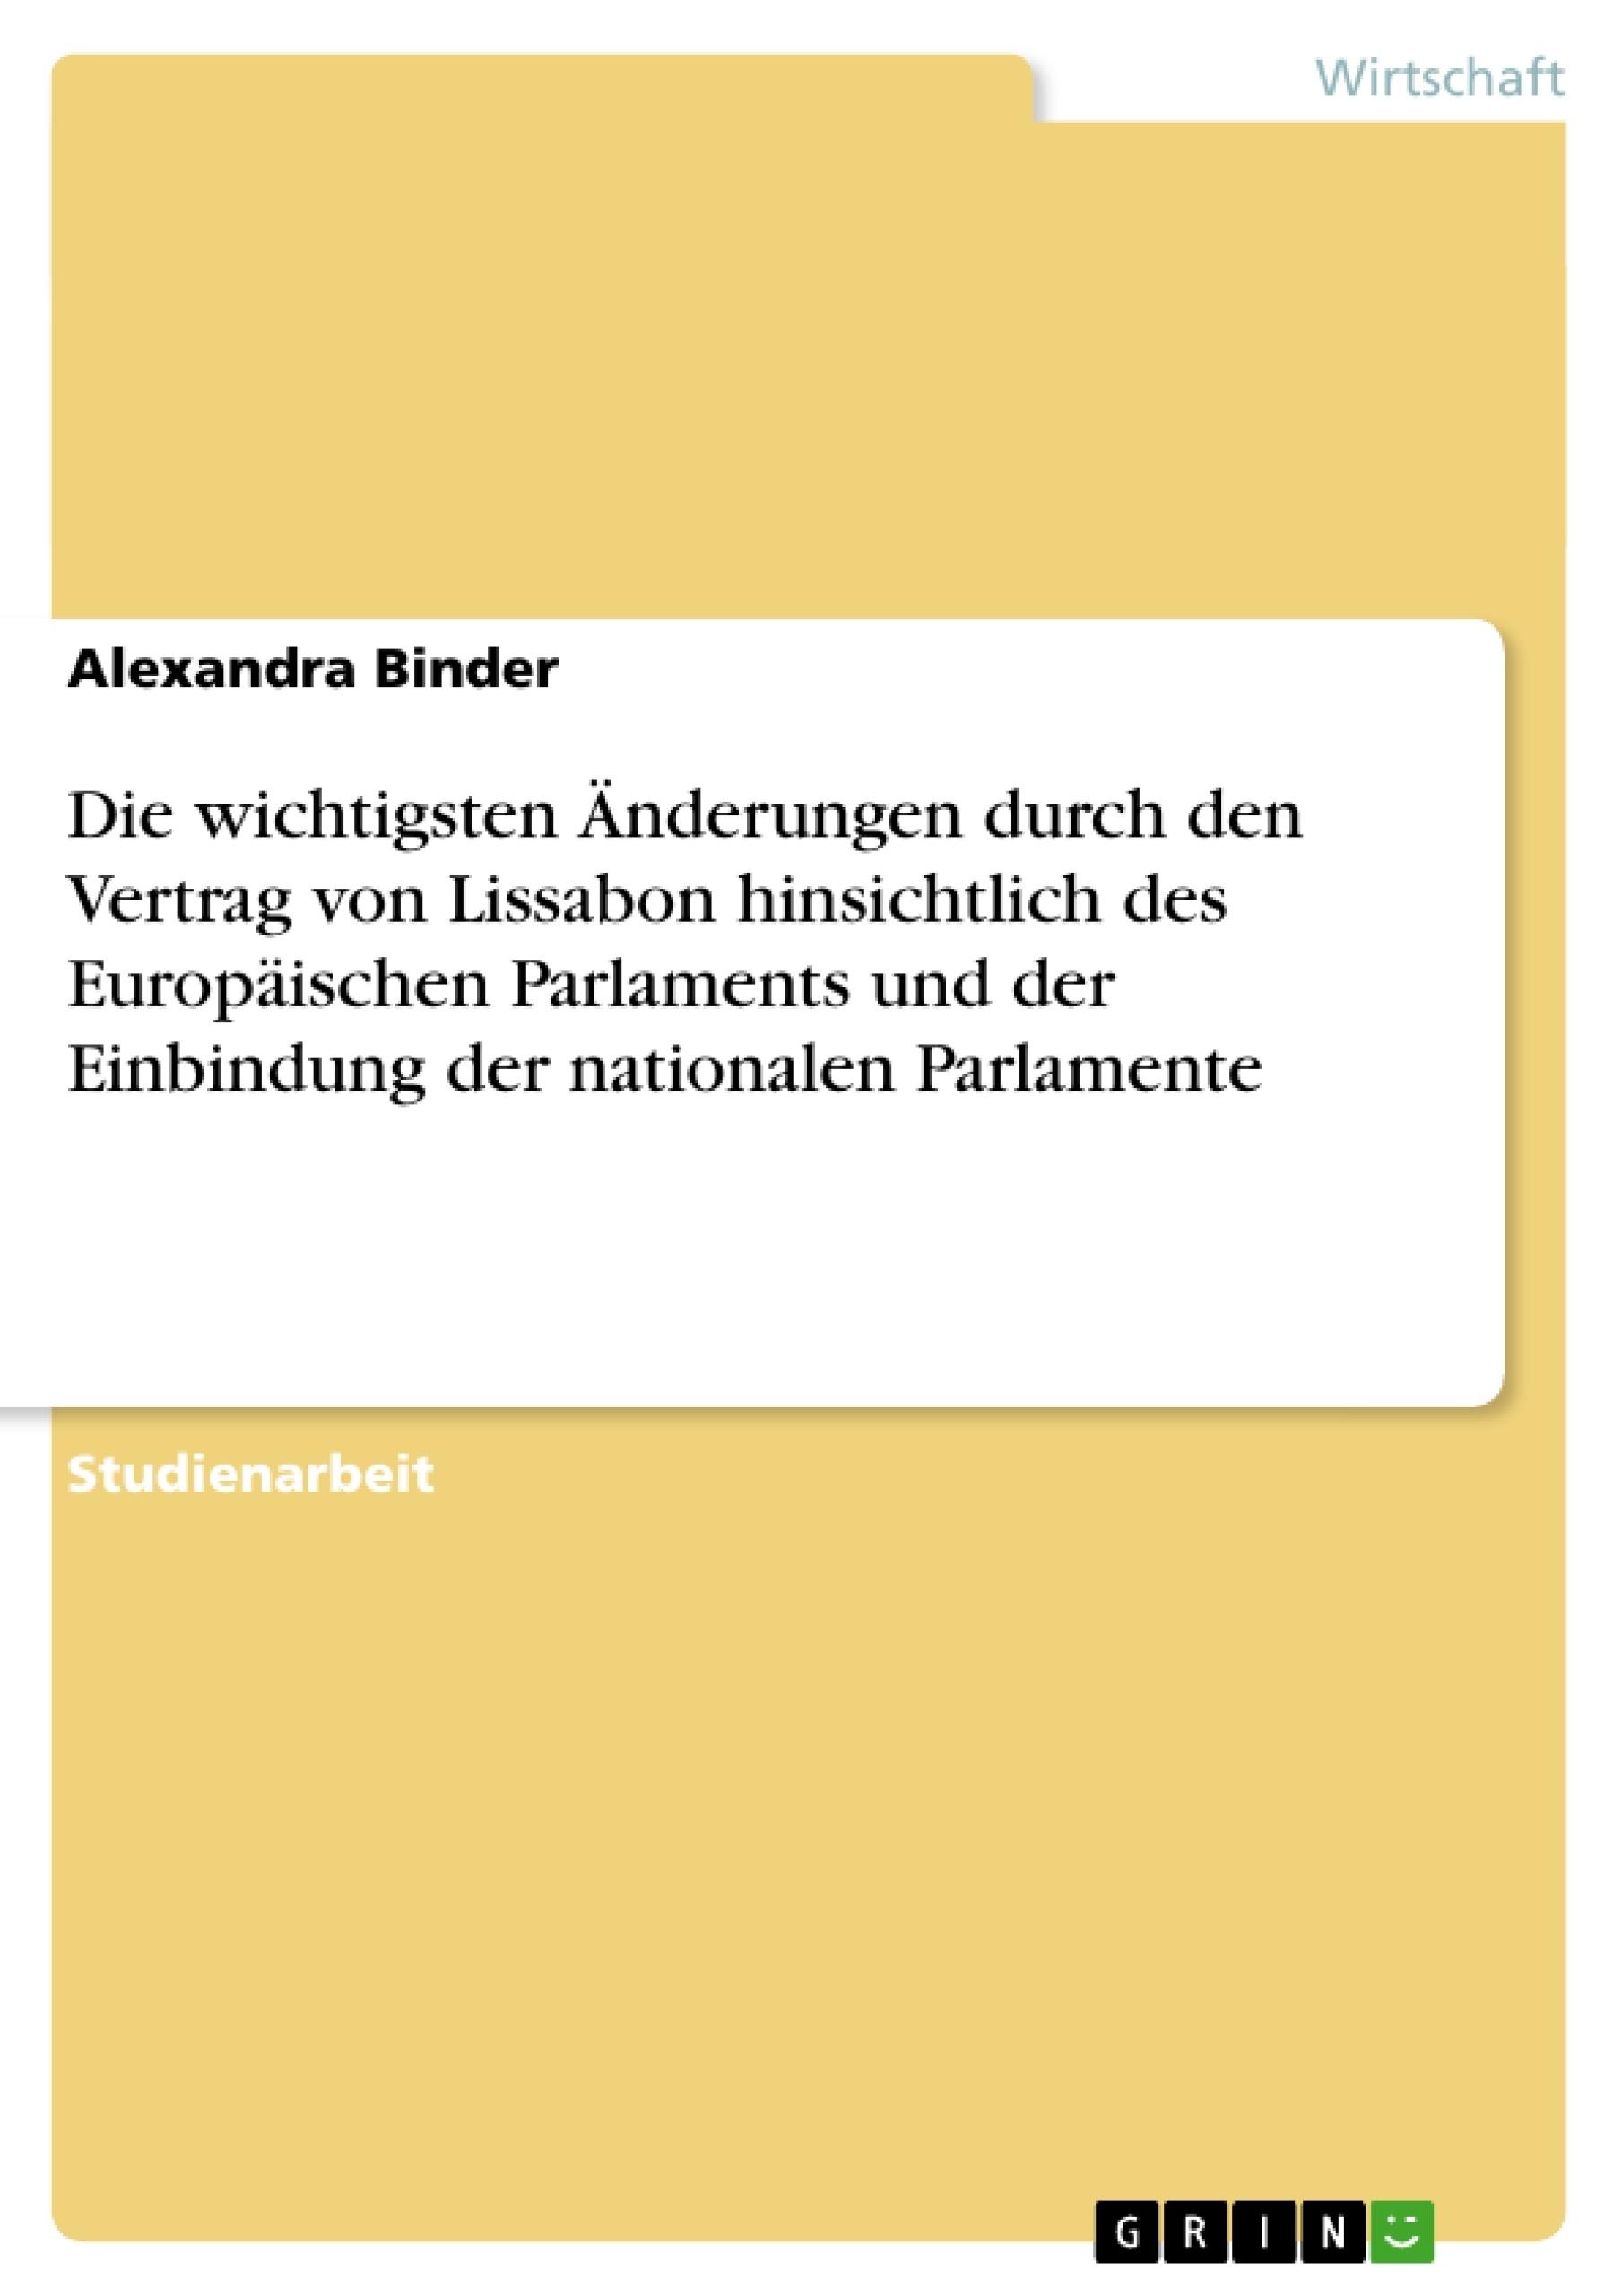 Titel: Die wichtigsten Änderungen durch den Vertrag von Lissabon hinsichtlich des Europäischen Parlaments und der Einbindung der nationalen Parlamente